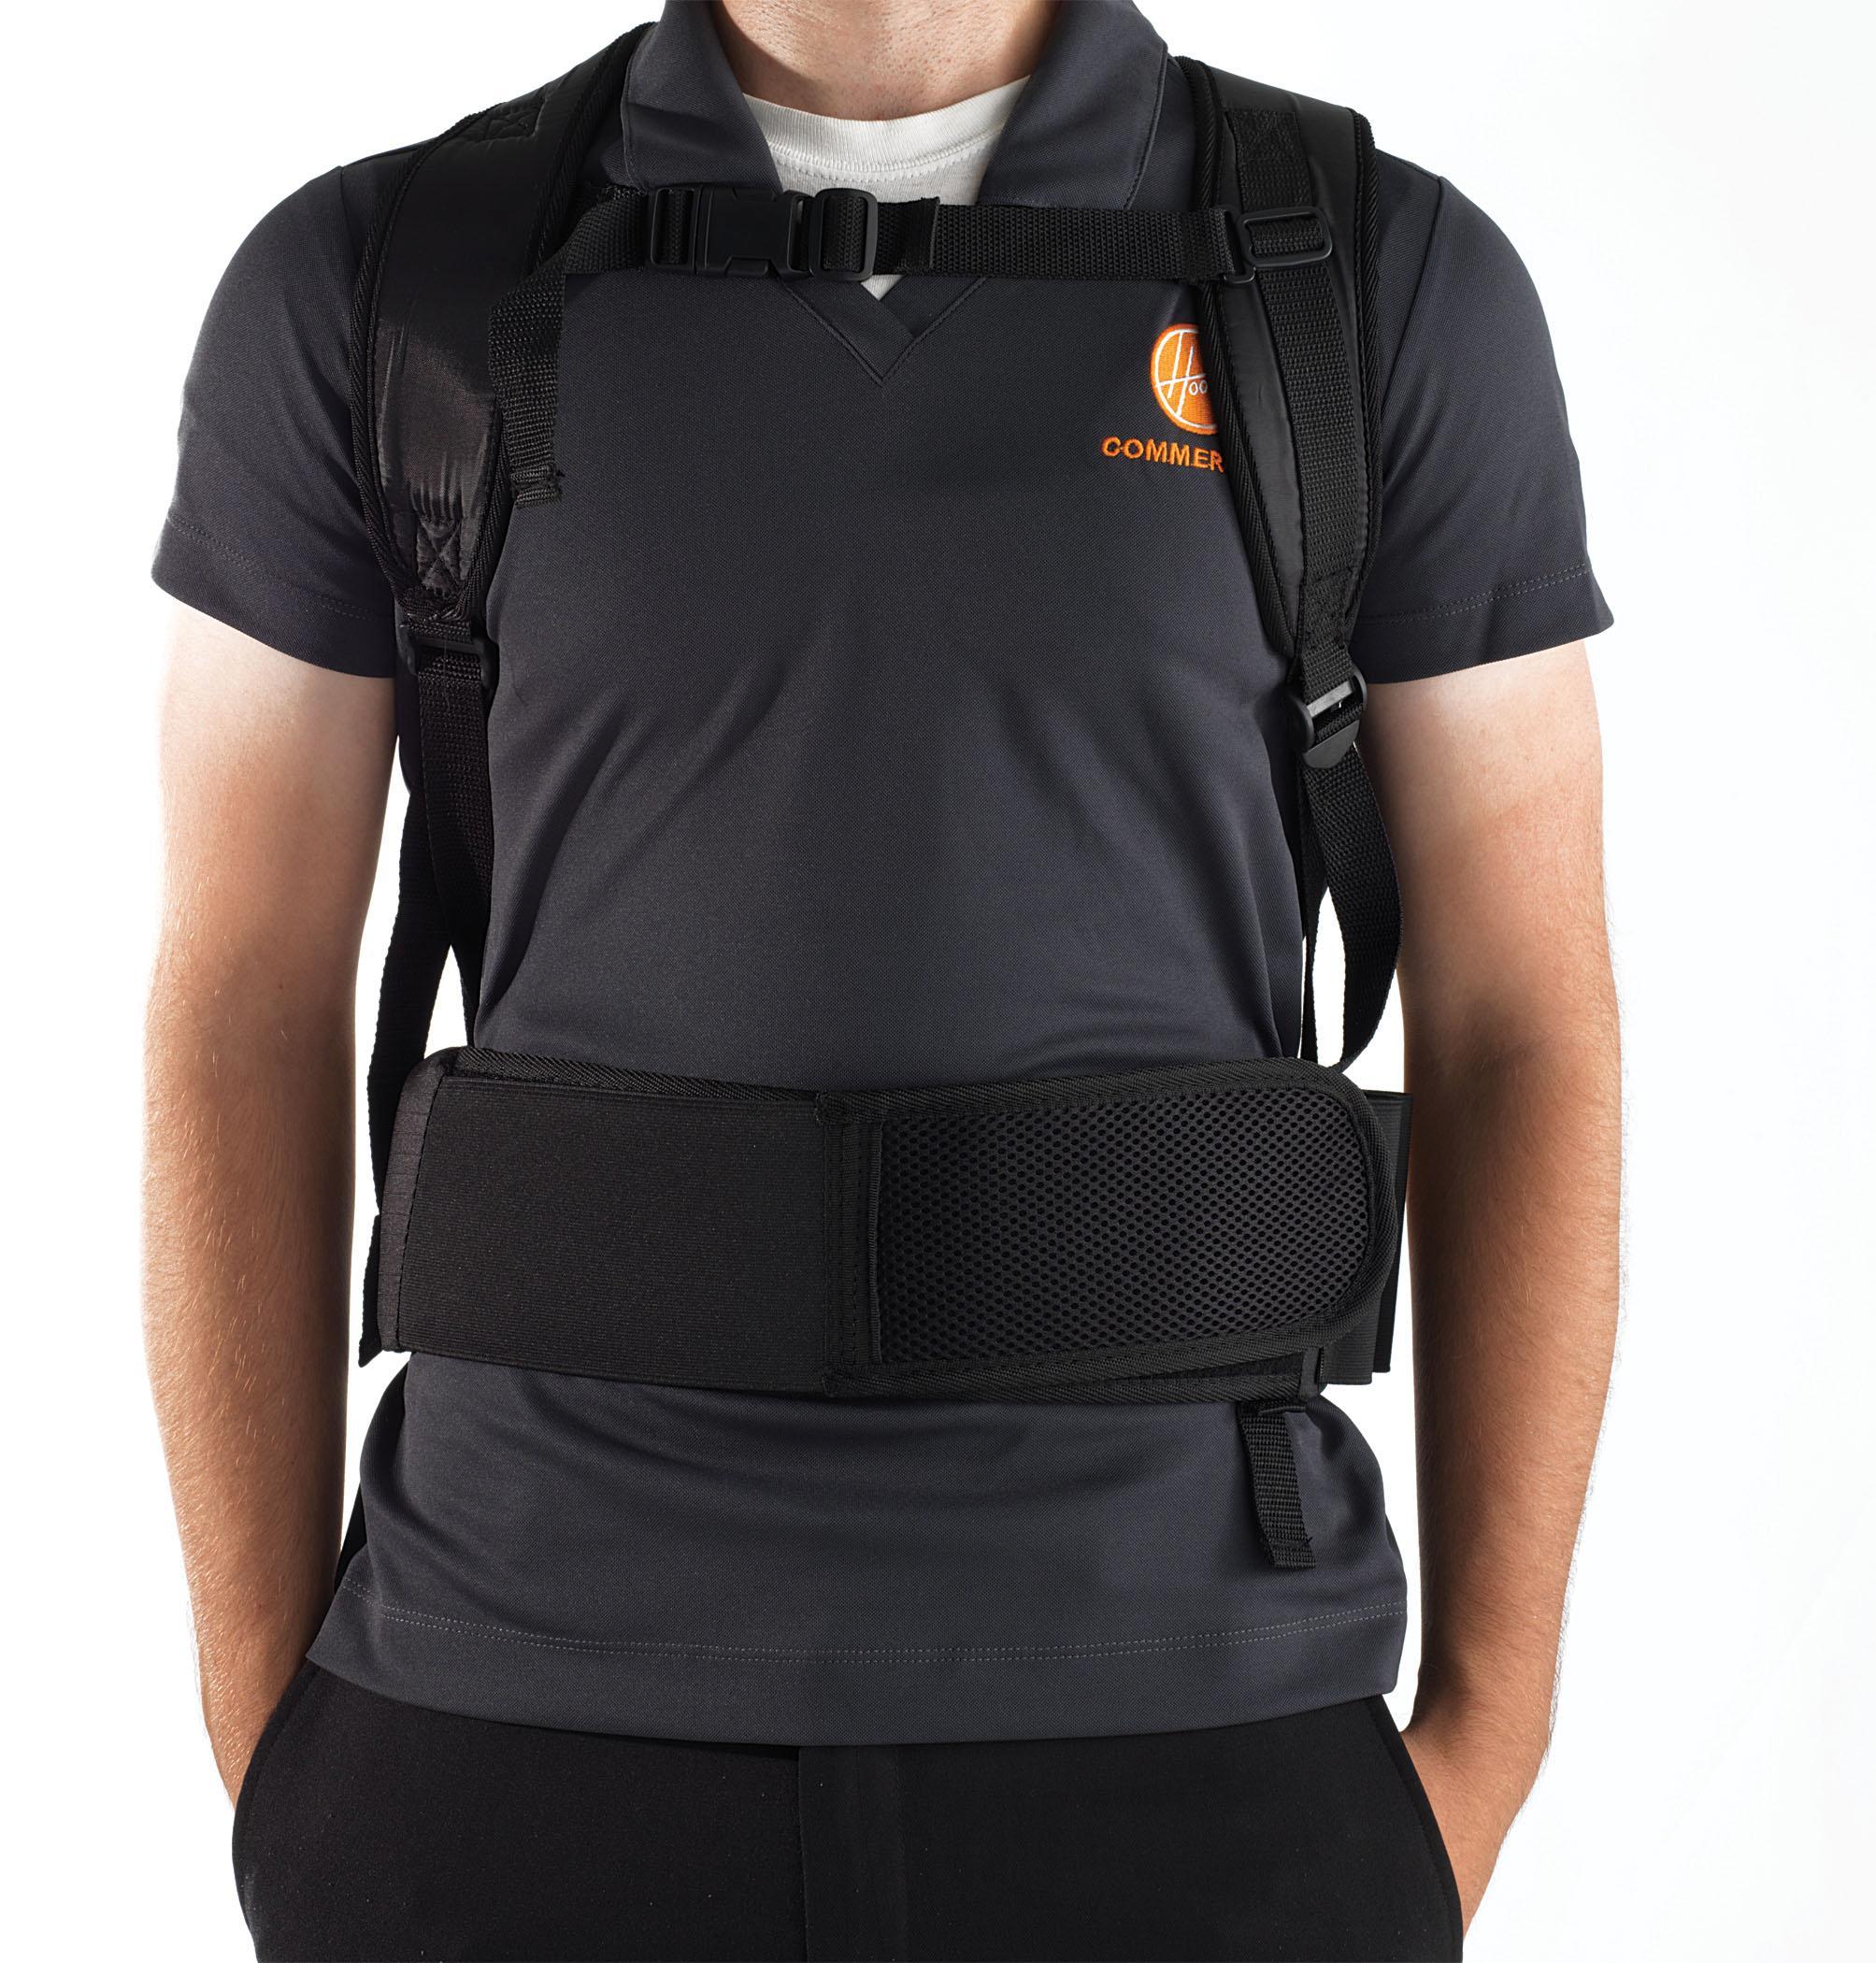 Hoover Commercial C2401 Shoulder Vac Pro Backpack Vacuum